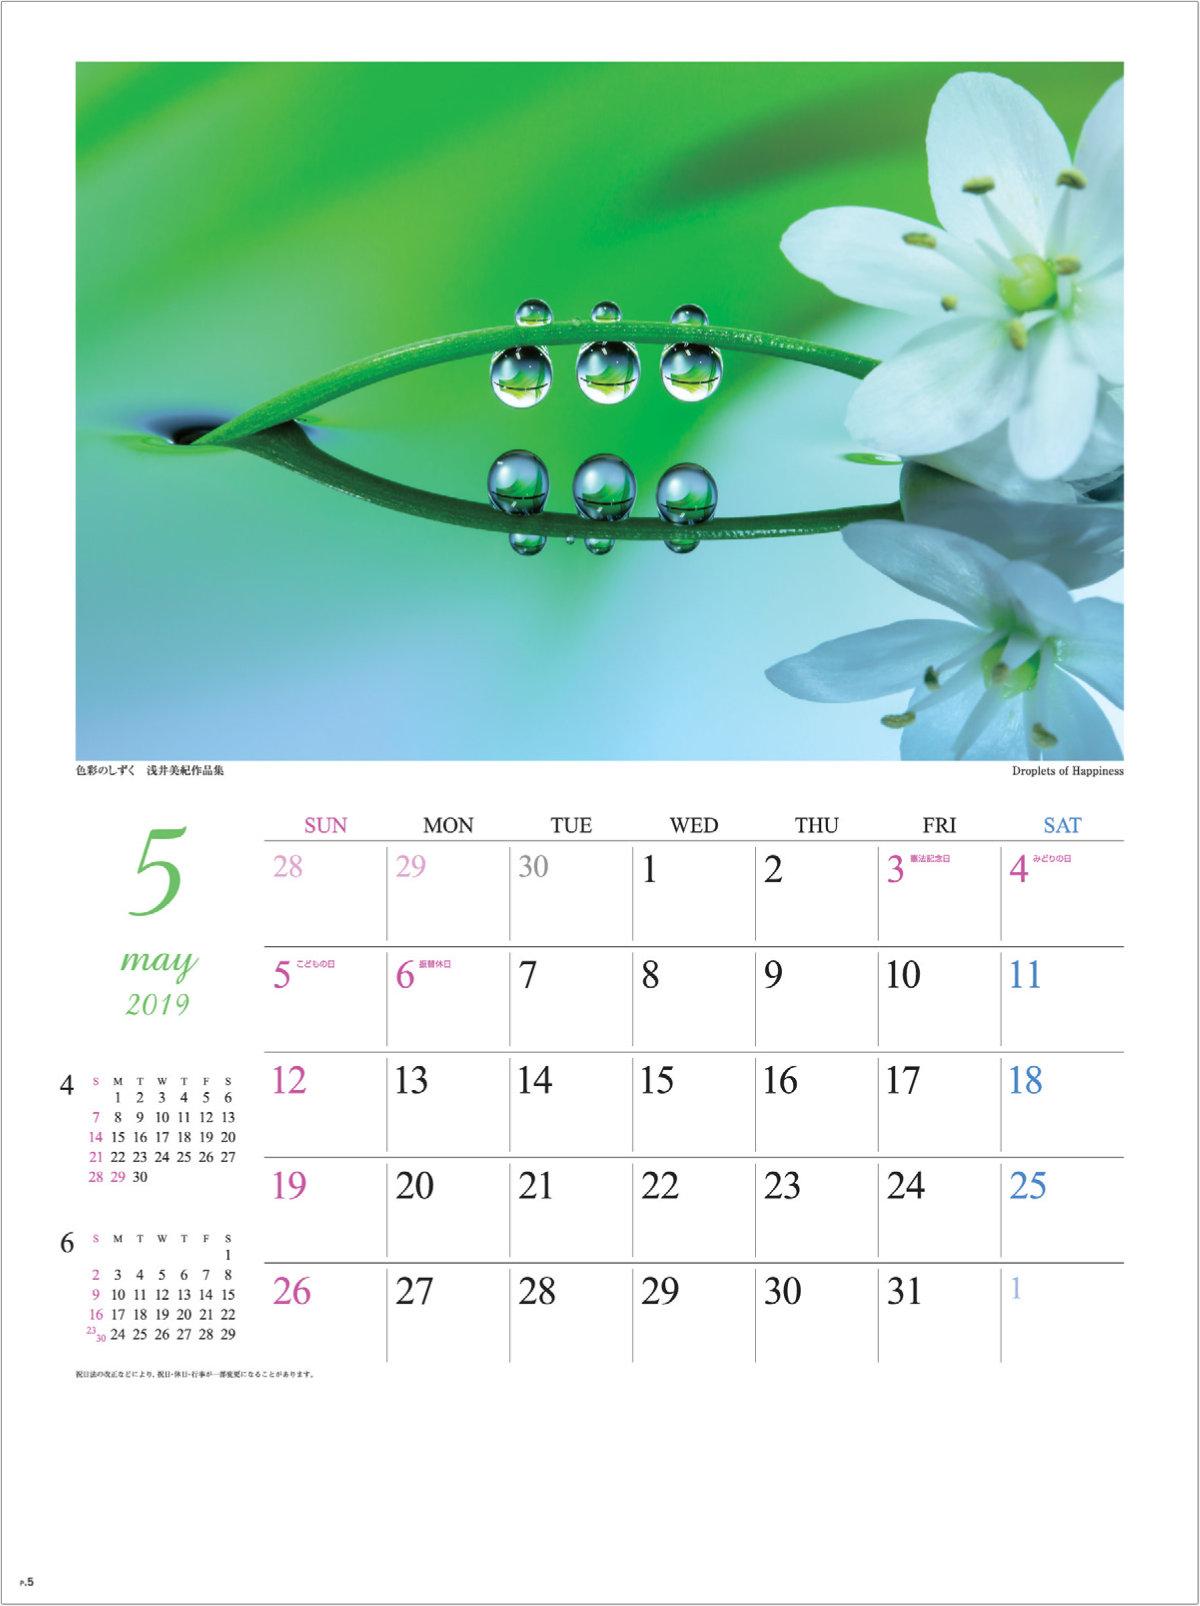 画像:浅井美紀 写真作品「Droplets of Happiness」 色彩のしずく・浅井美紀作品集 2019年カレンダー